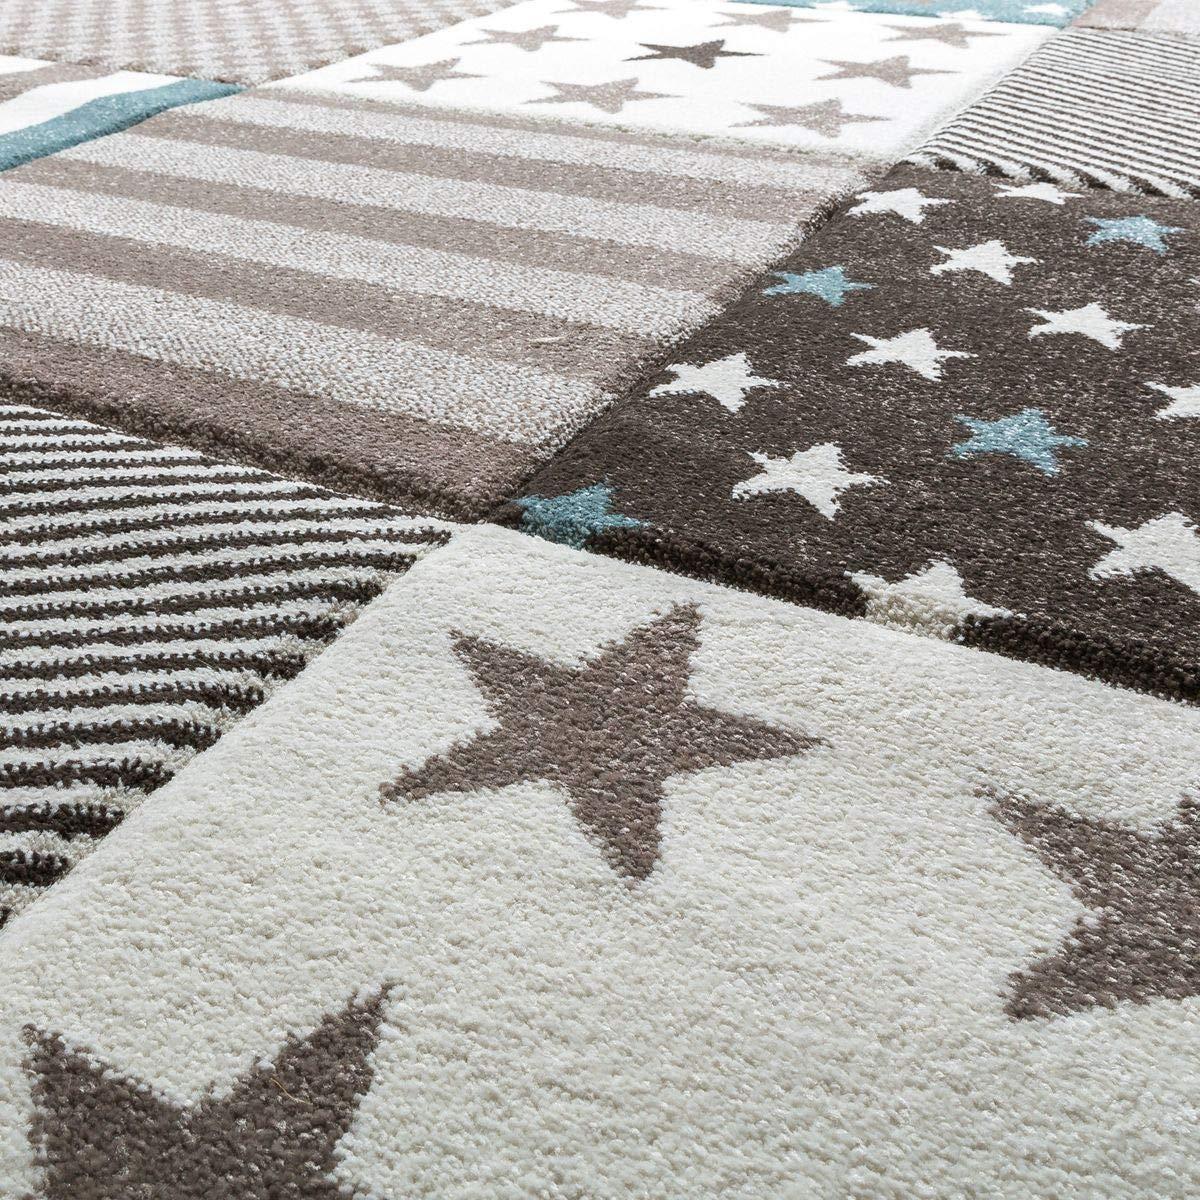 T&T Design Kinder Teppich Teppich Teppich Moderner Spielteppich Kariert Sterne Pastell Töne In Blau Creme, Größe 140x200 cm B07HL9HP85 Teppiche & Lufer db51fa